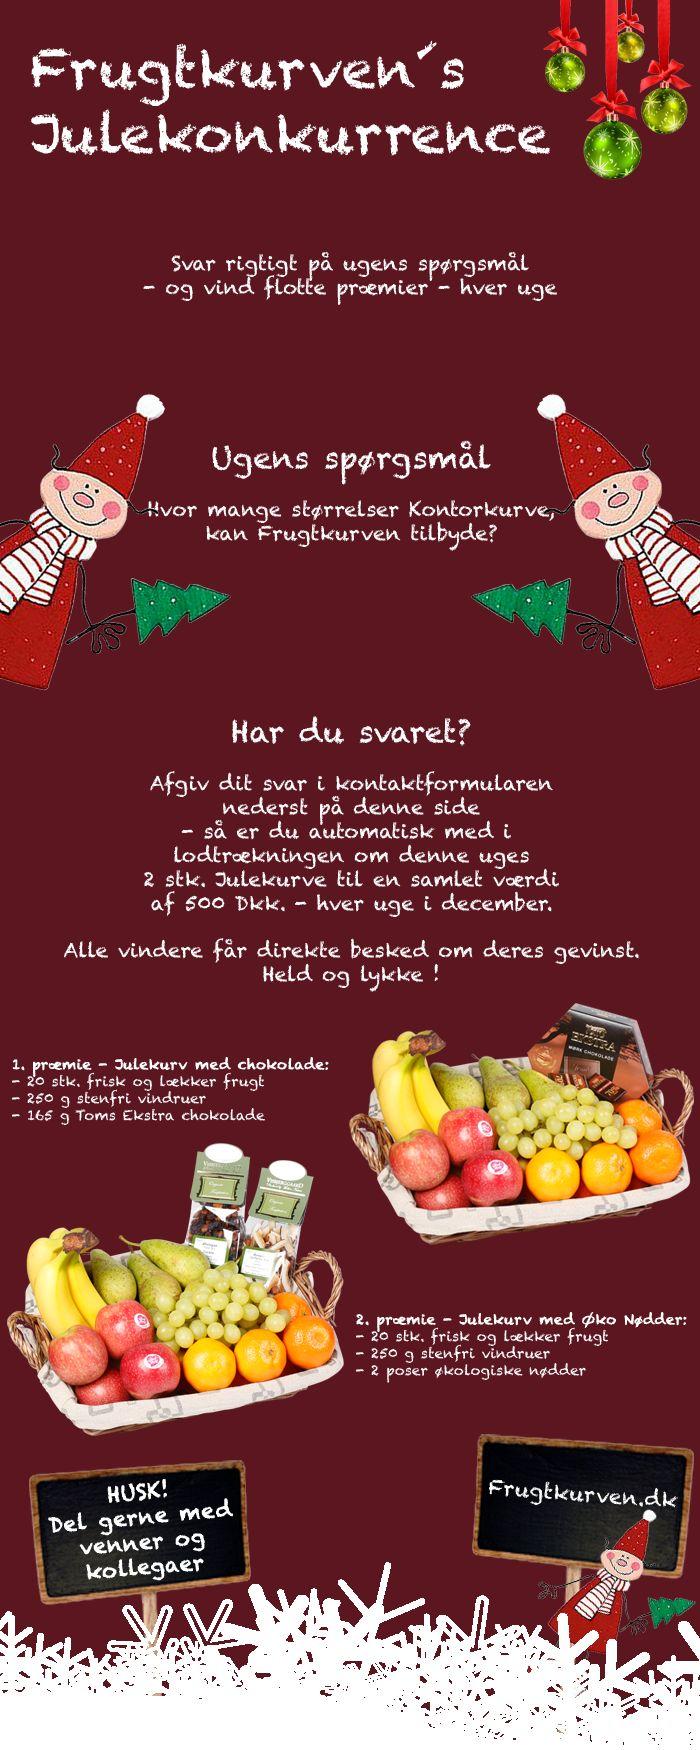 Frugtkurvens Julekonkurrence Deltag i Frugtkurven´s store Julekonkurrence 2014 og vind flotte præmier - hver uge.  Alt hvad du skal gøre er at svare rigtigt på ugens spørgsmål - og vind flotte præmier - hver uge.   Held og lykke og glædelig jul.  Deltag her> http://www.frugtkurven.dk/nyheder/?id=25  #frugt #frugtkurven #frisk #frugtkurv #julekonkurrence #jul2014 #julen 2014